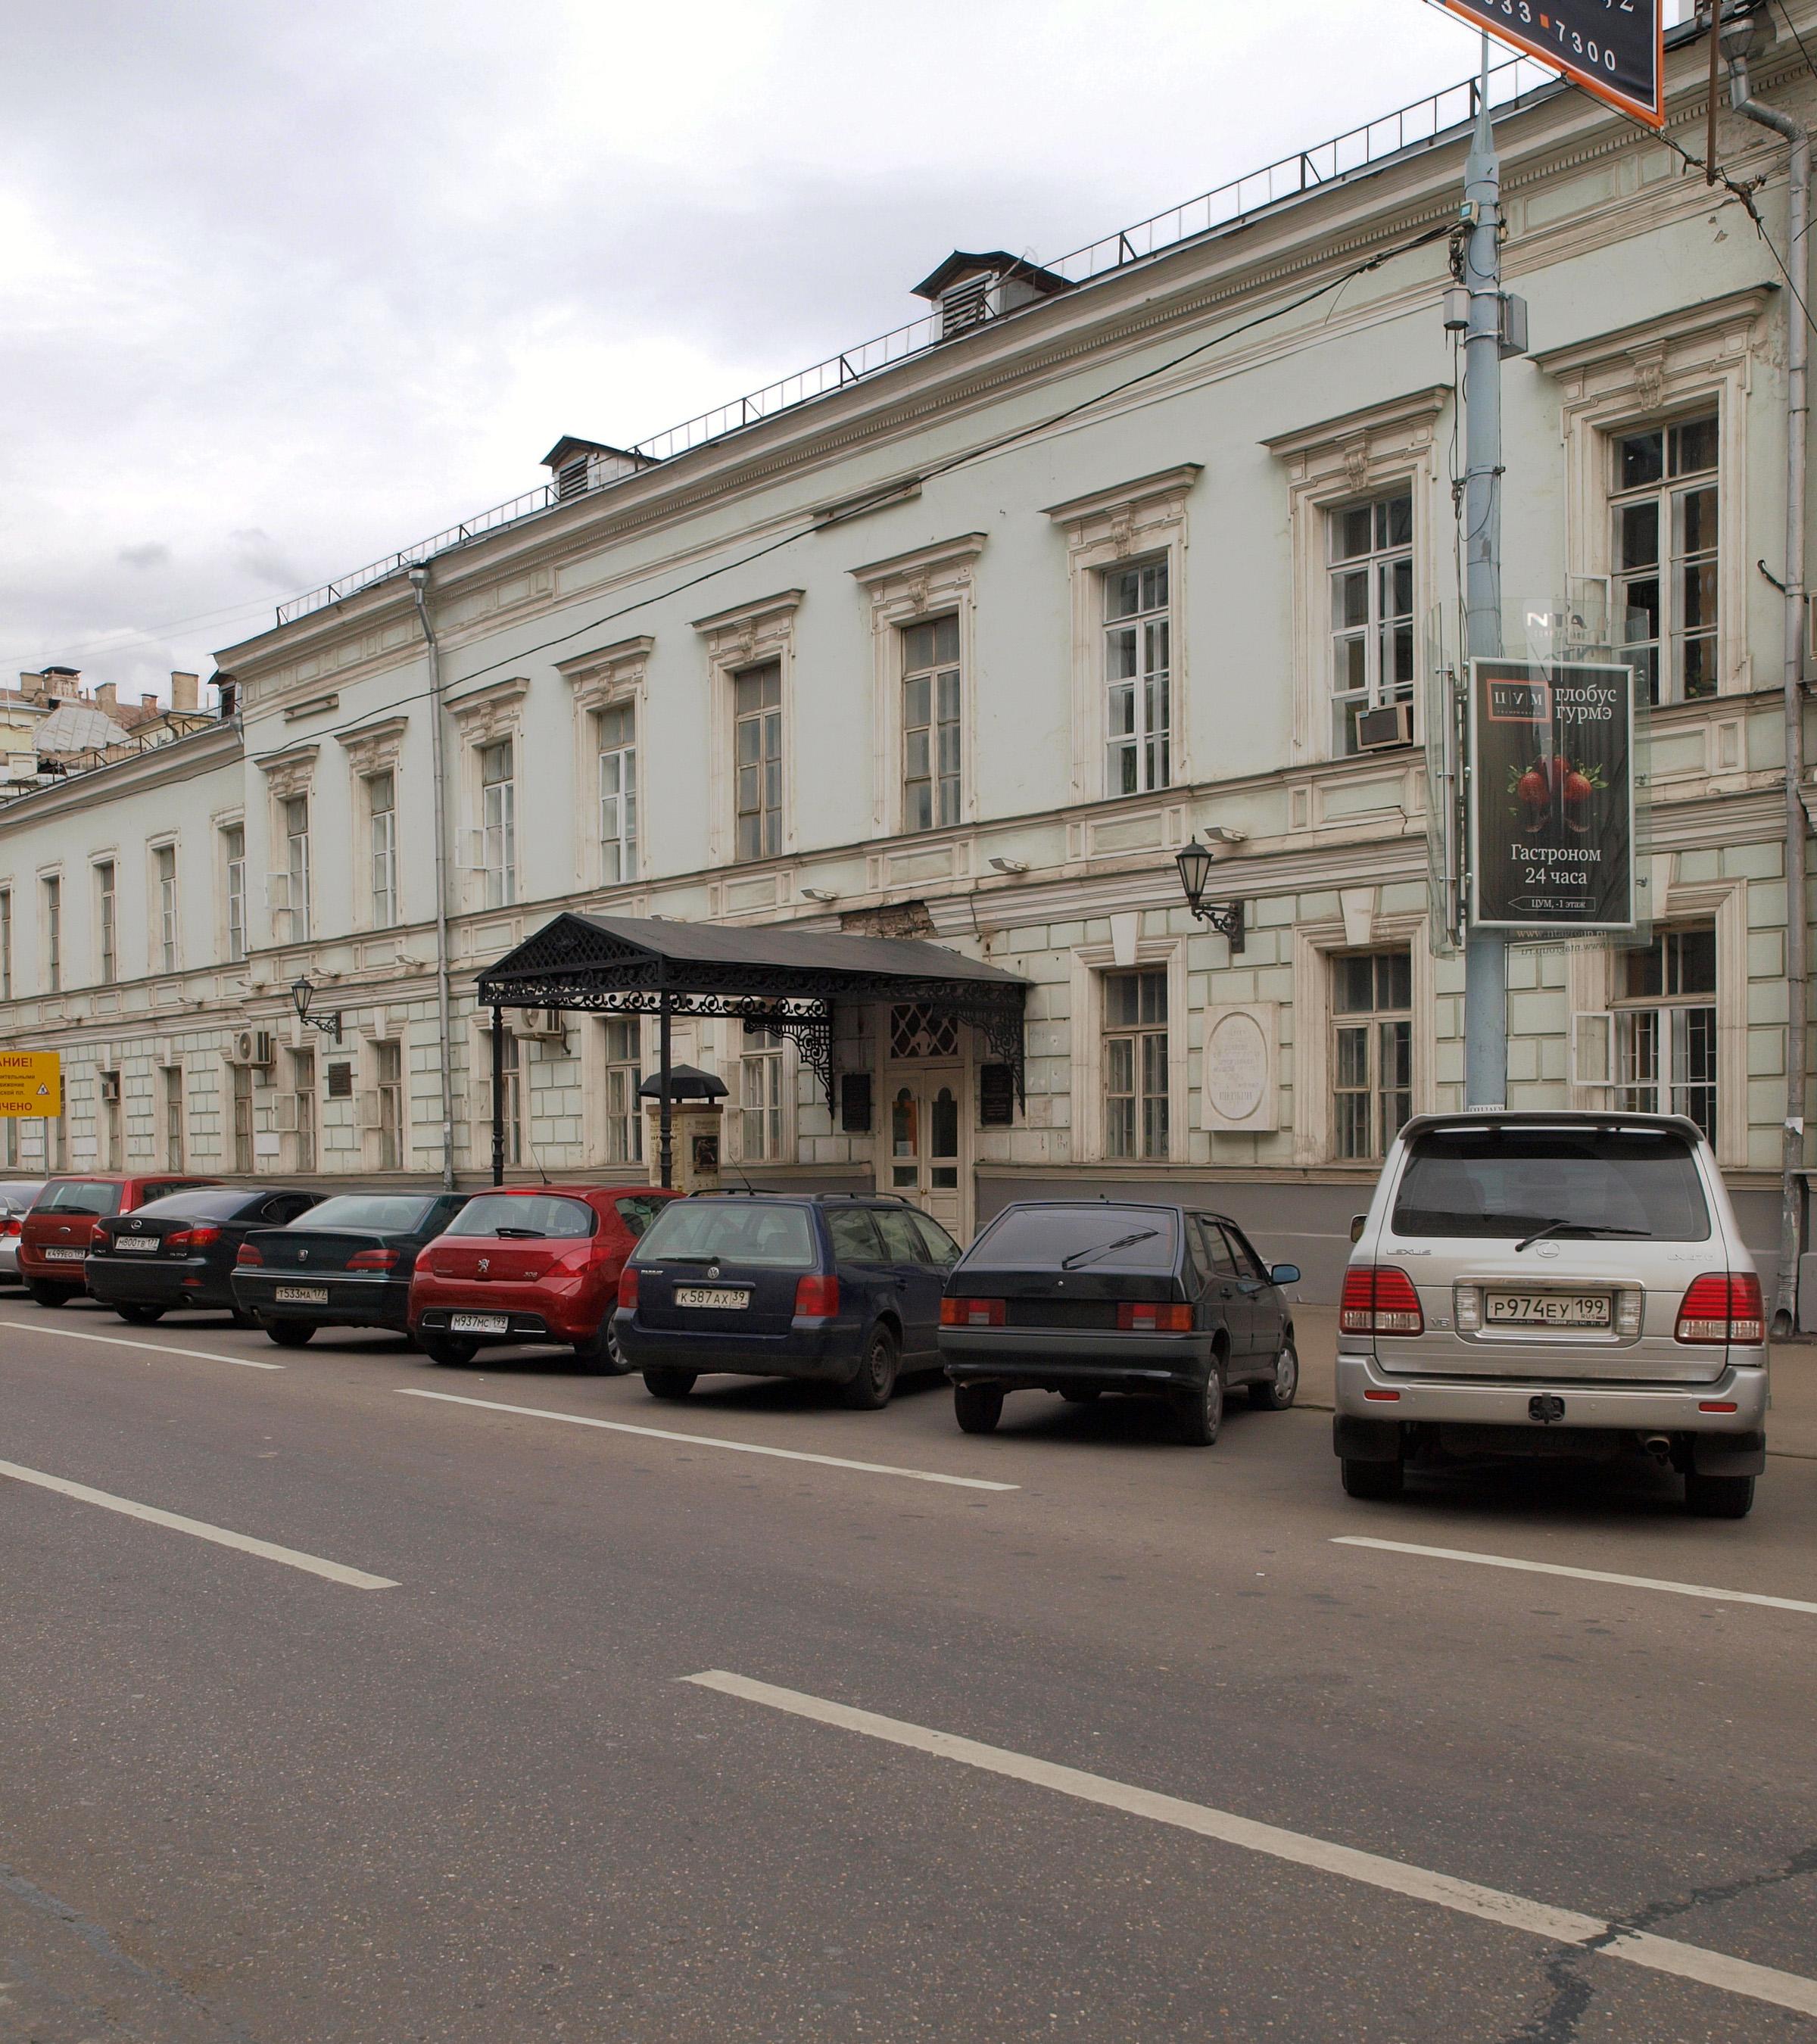 3%2f30%2fneglinnaya 6   shchepkin theatre school